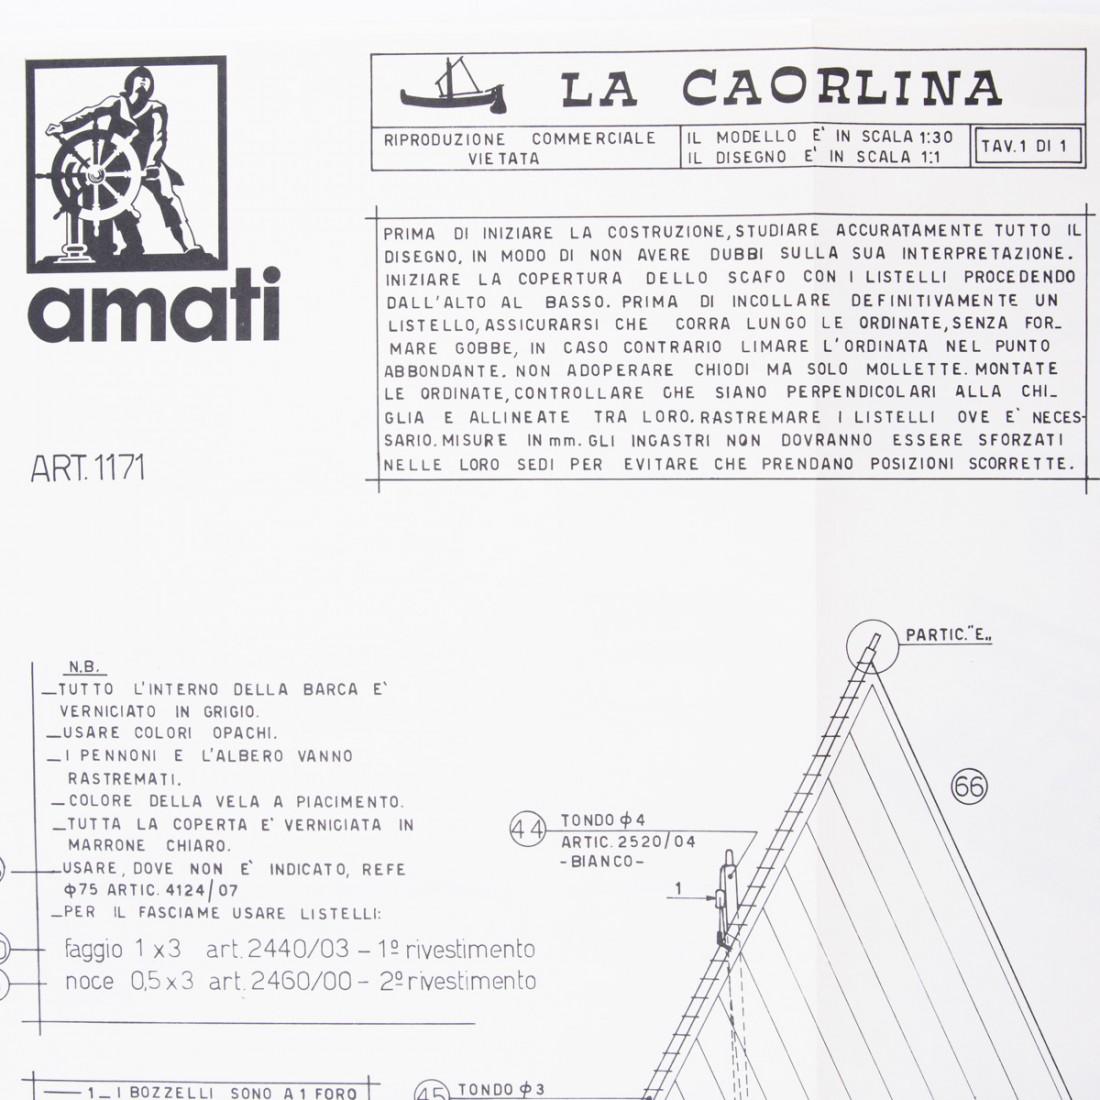 Piano costruzione Caorlina